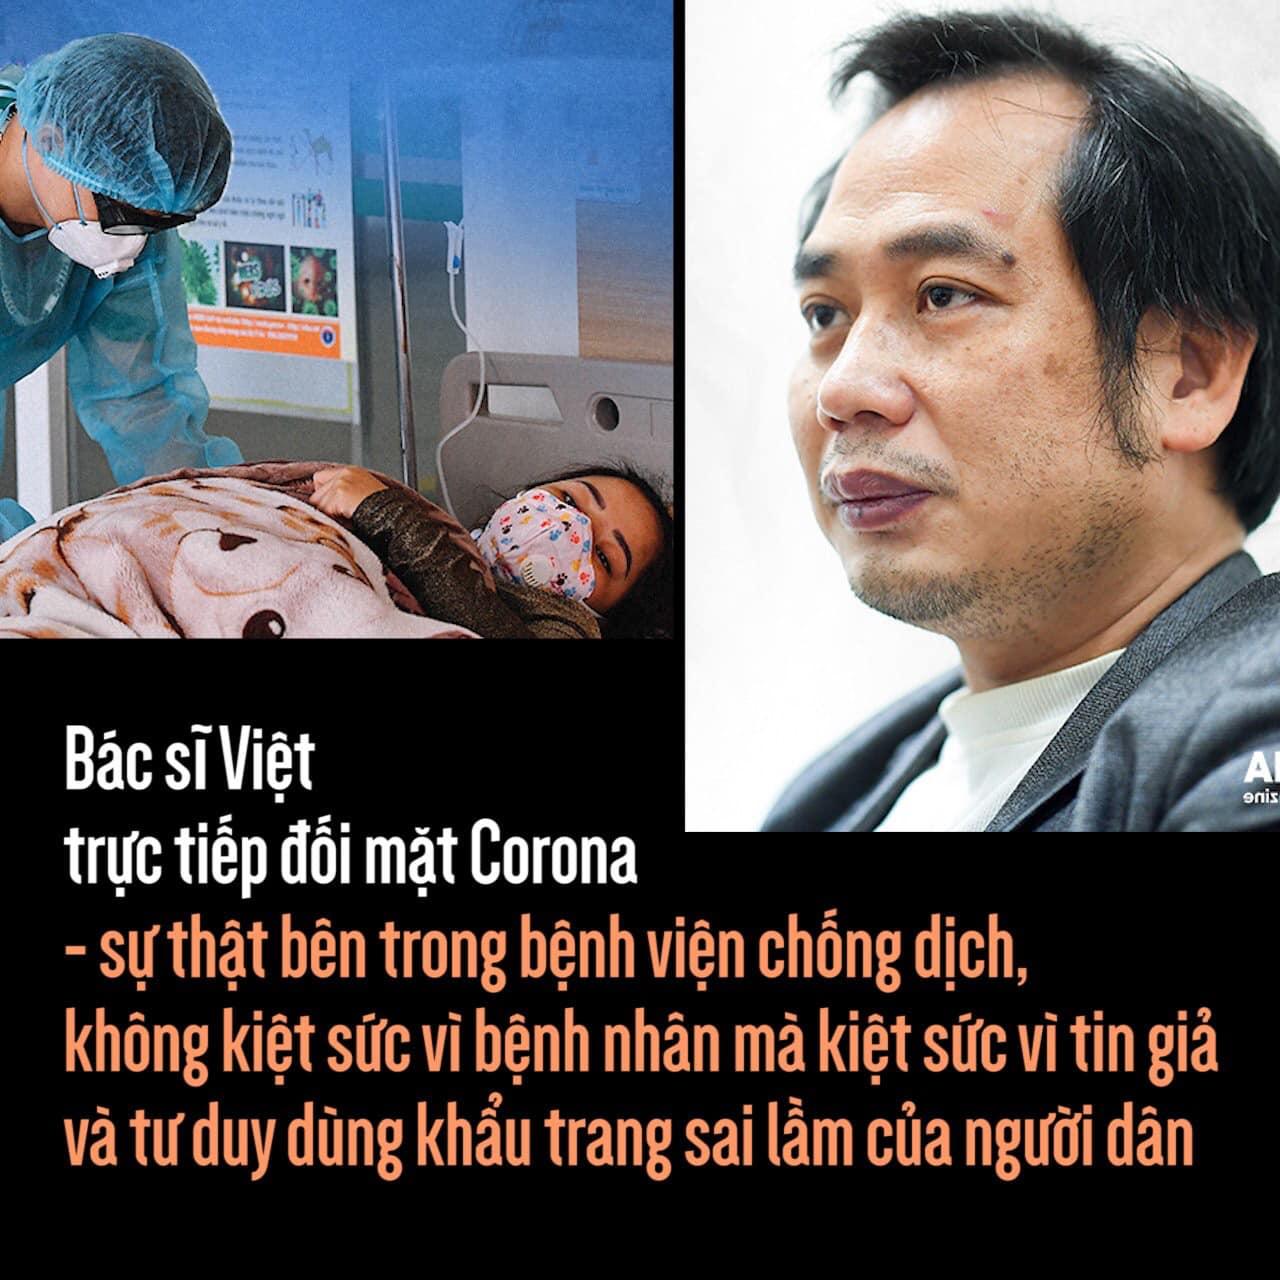 Bác sĩ Việt trực tiếp đối mặt Corona - sự thật bên trong bệnh viện chống dịch, không kiệt sức vì bệnh nhân mà kiệt sức vì tin giả và cách dùng khẩu trang sai lầm của người dân